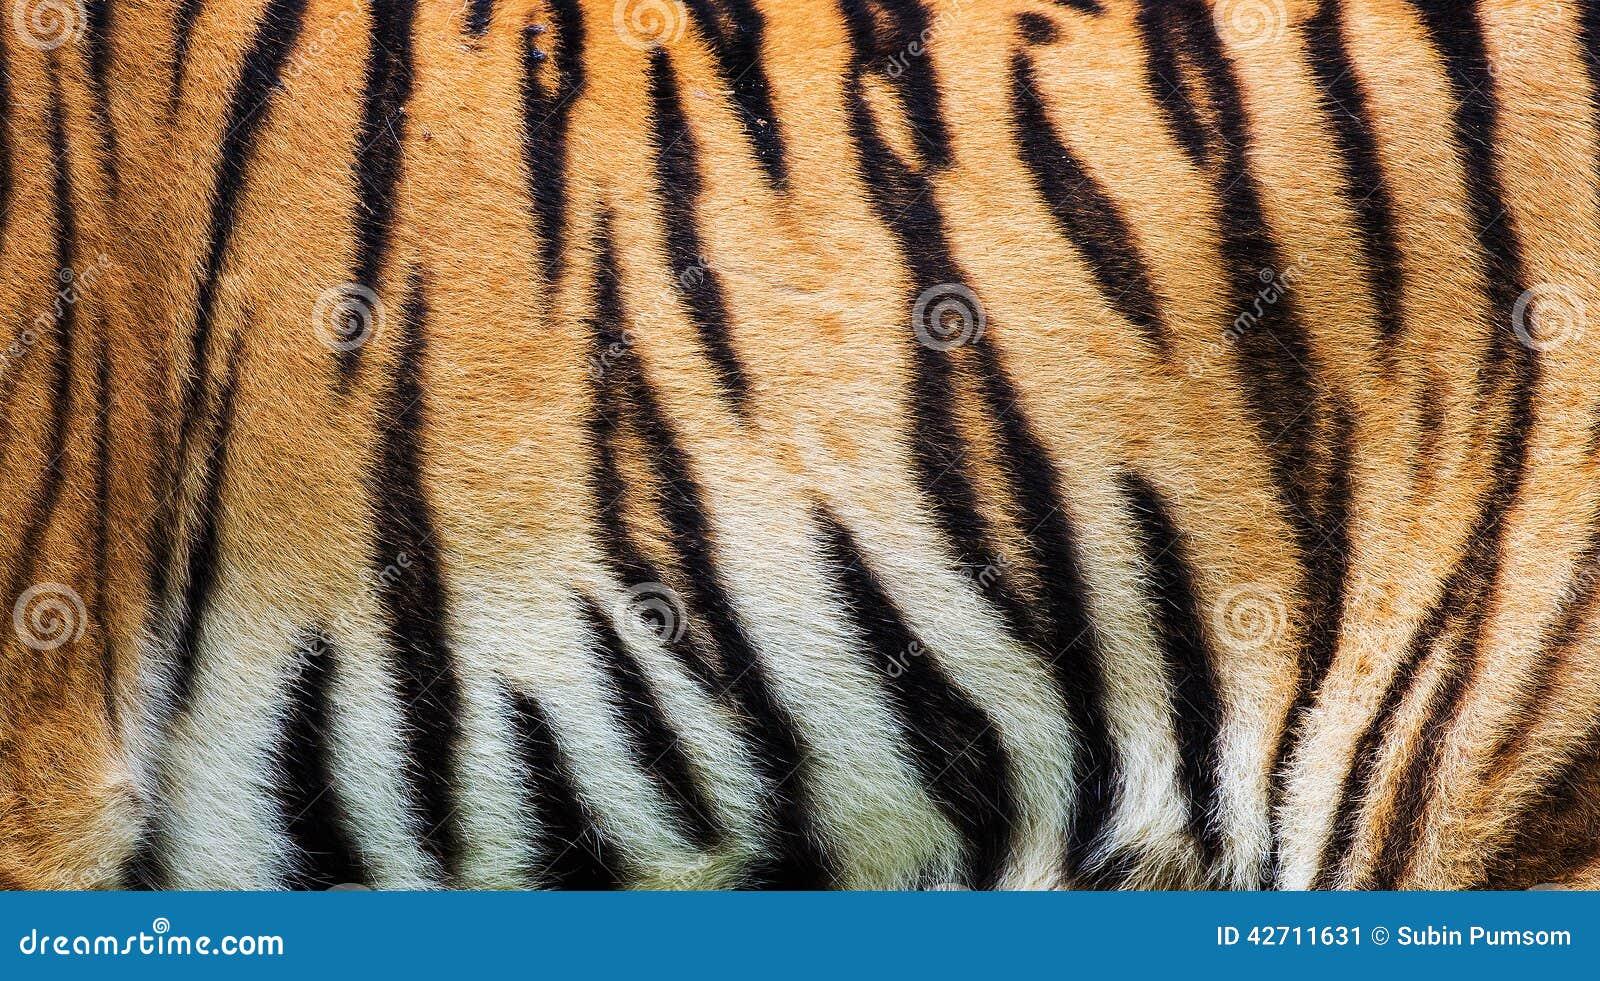 De textuur van de tijgerhuid